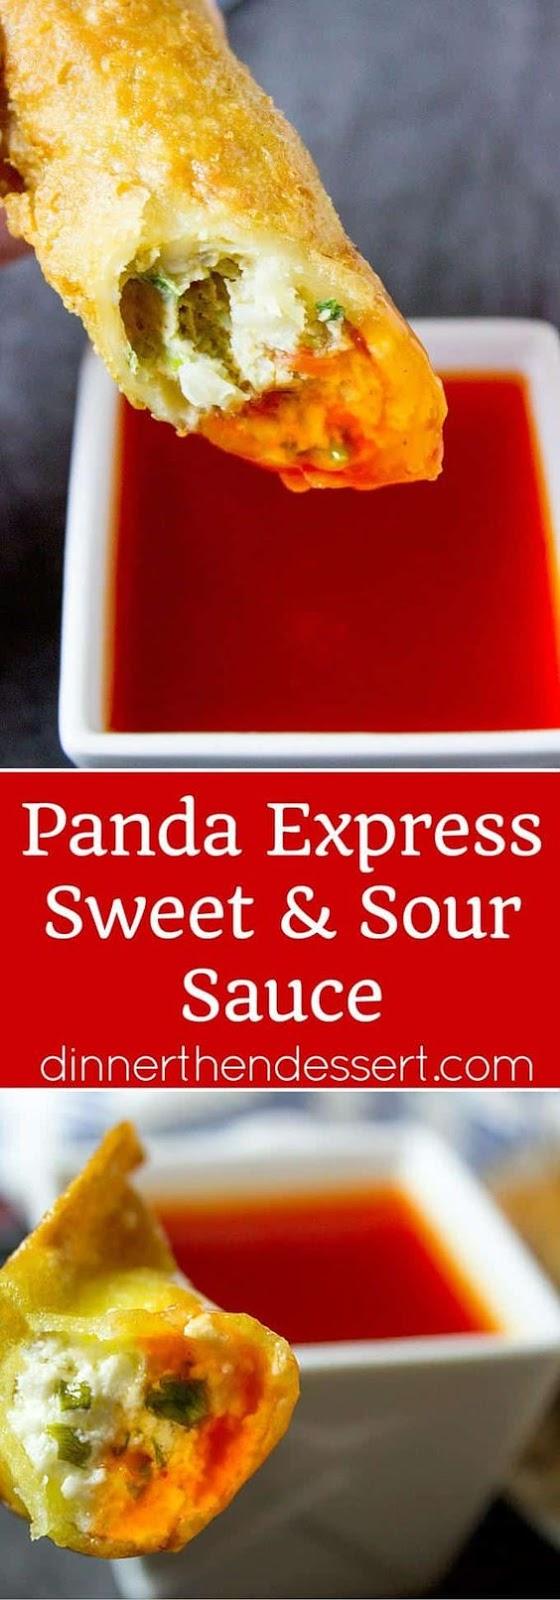 PANDA EXPRESS SWEET AND SOUR SAUCE (COPYCAT)